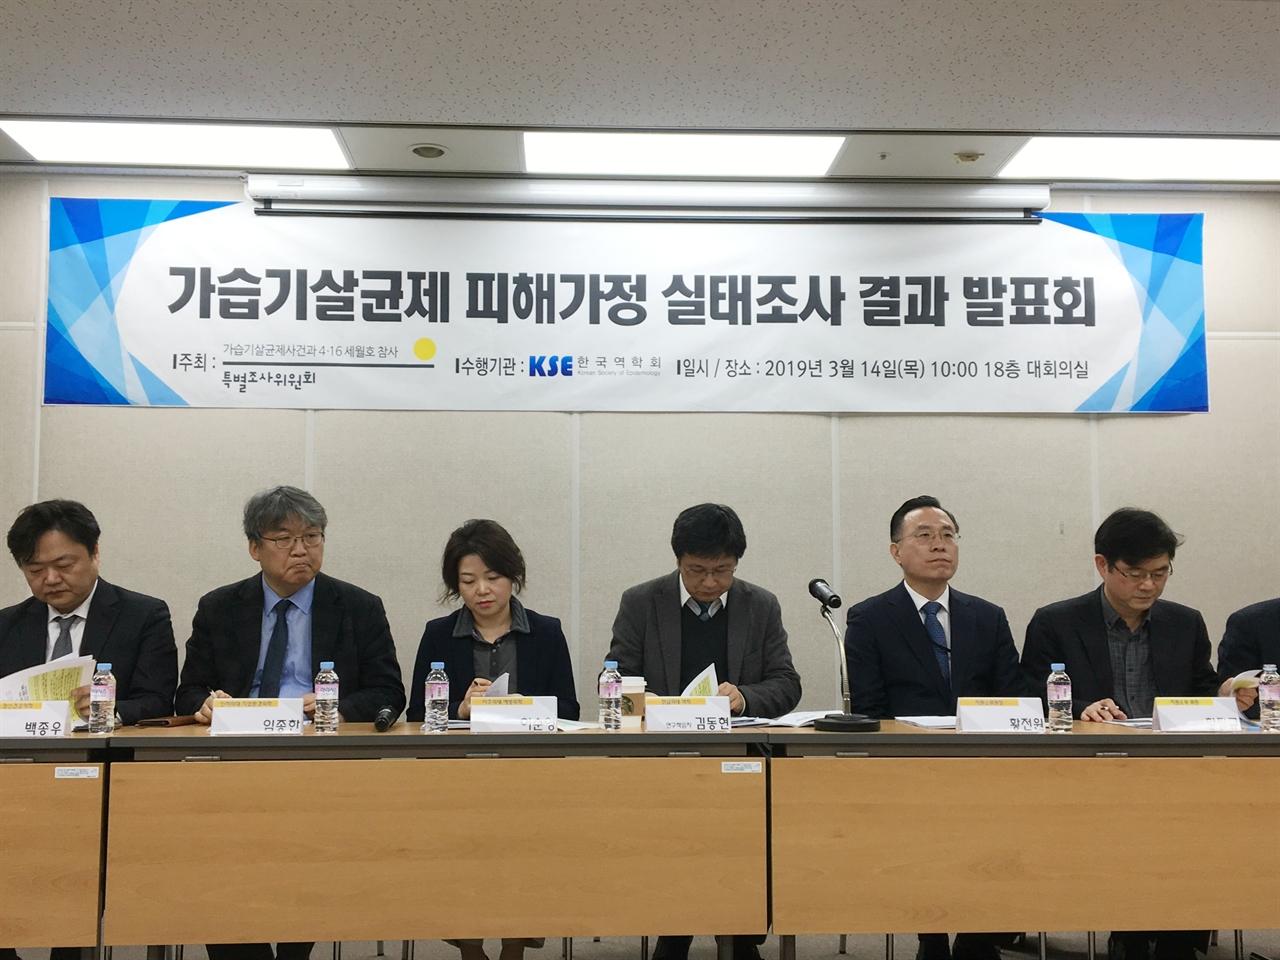 14일, 가습기 살균제사건과 4.16 세월호참사 특별조사위원회가 서울 중구 소곡동에 있는 포스트타원 18층 대회의실에서 '가습기 살균제 피해 가정 실태조사 결과'를 발표했다.